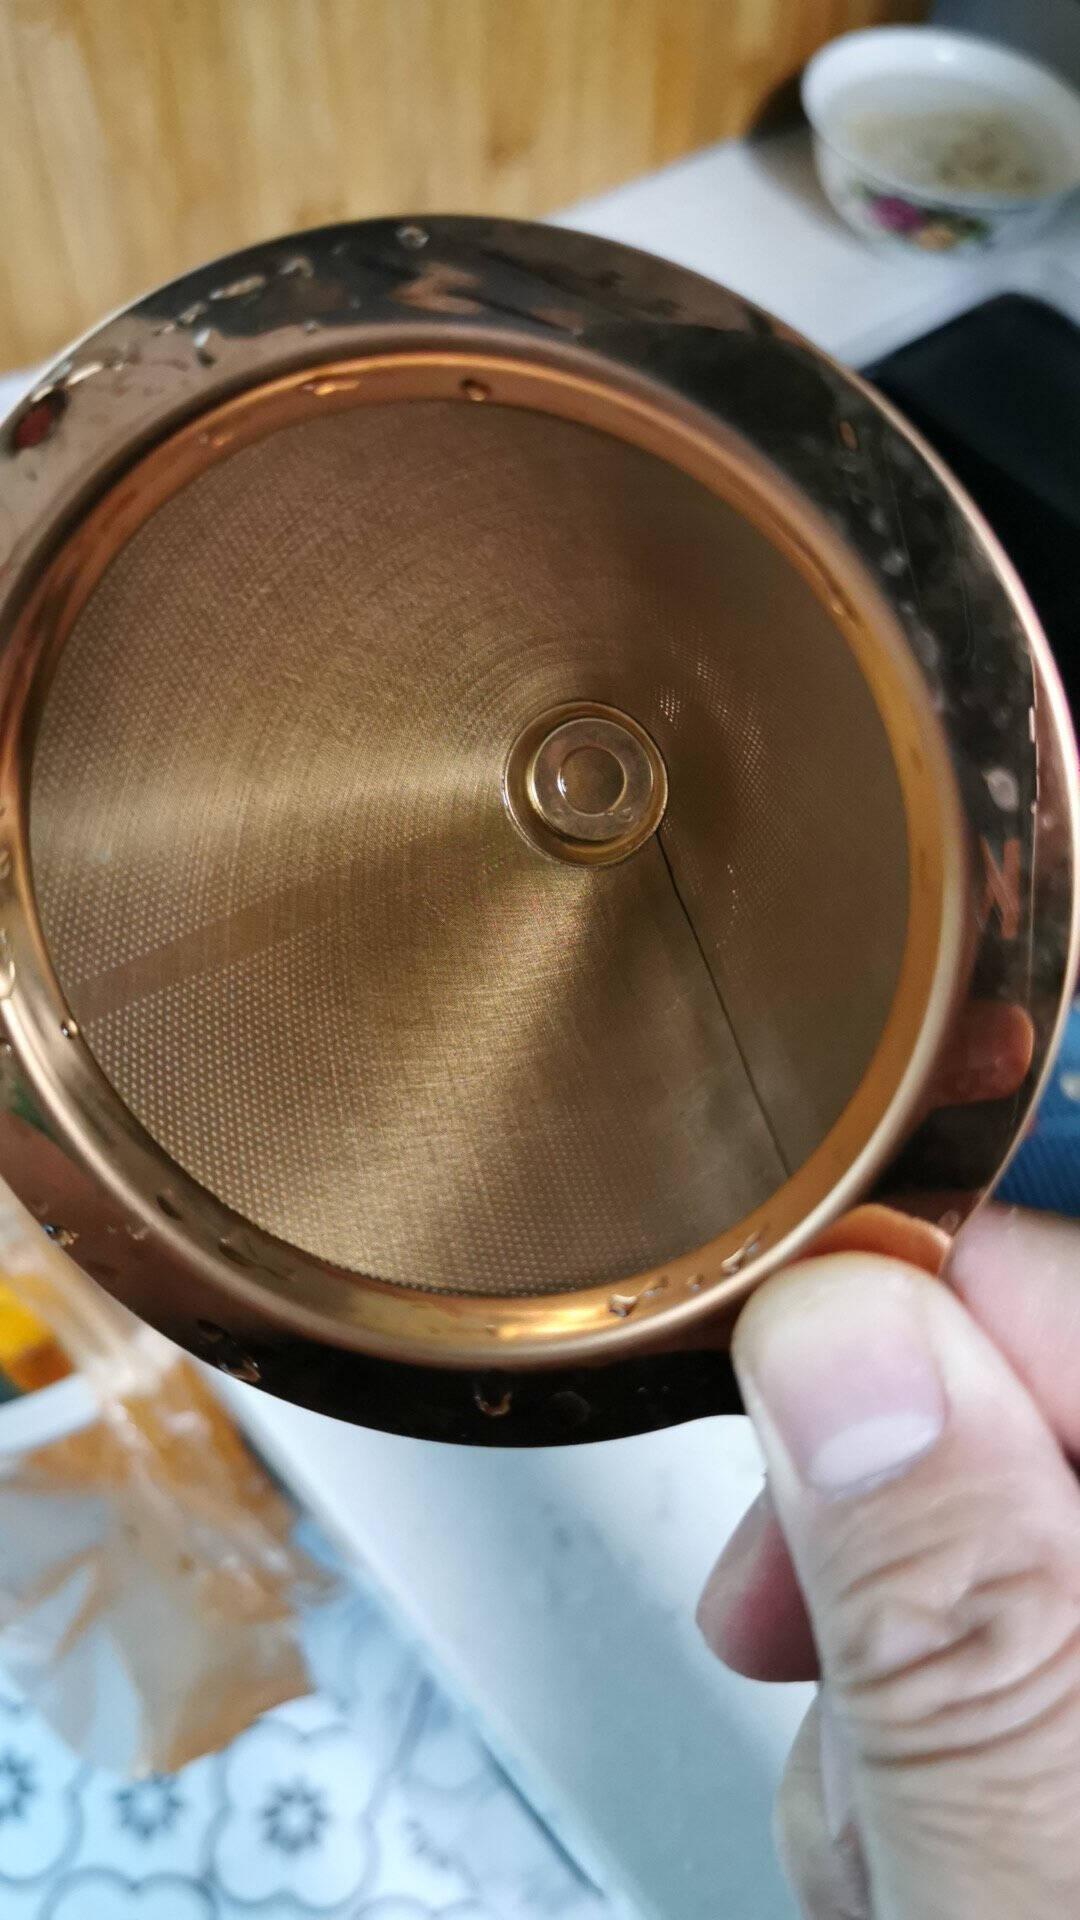 Hero咖啡过滤网手冲壶滤杯双层不锈钢过滤器滴漏式咖啡壶过滤网不锈钢过滤1-2人份不锈钢滤网